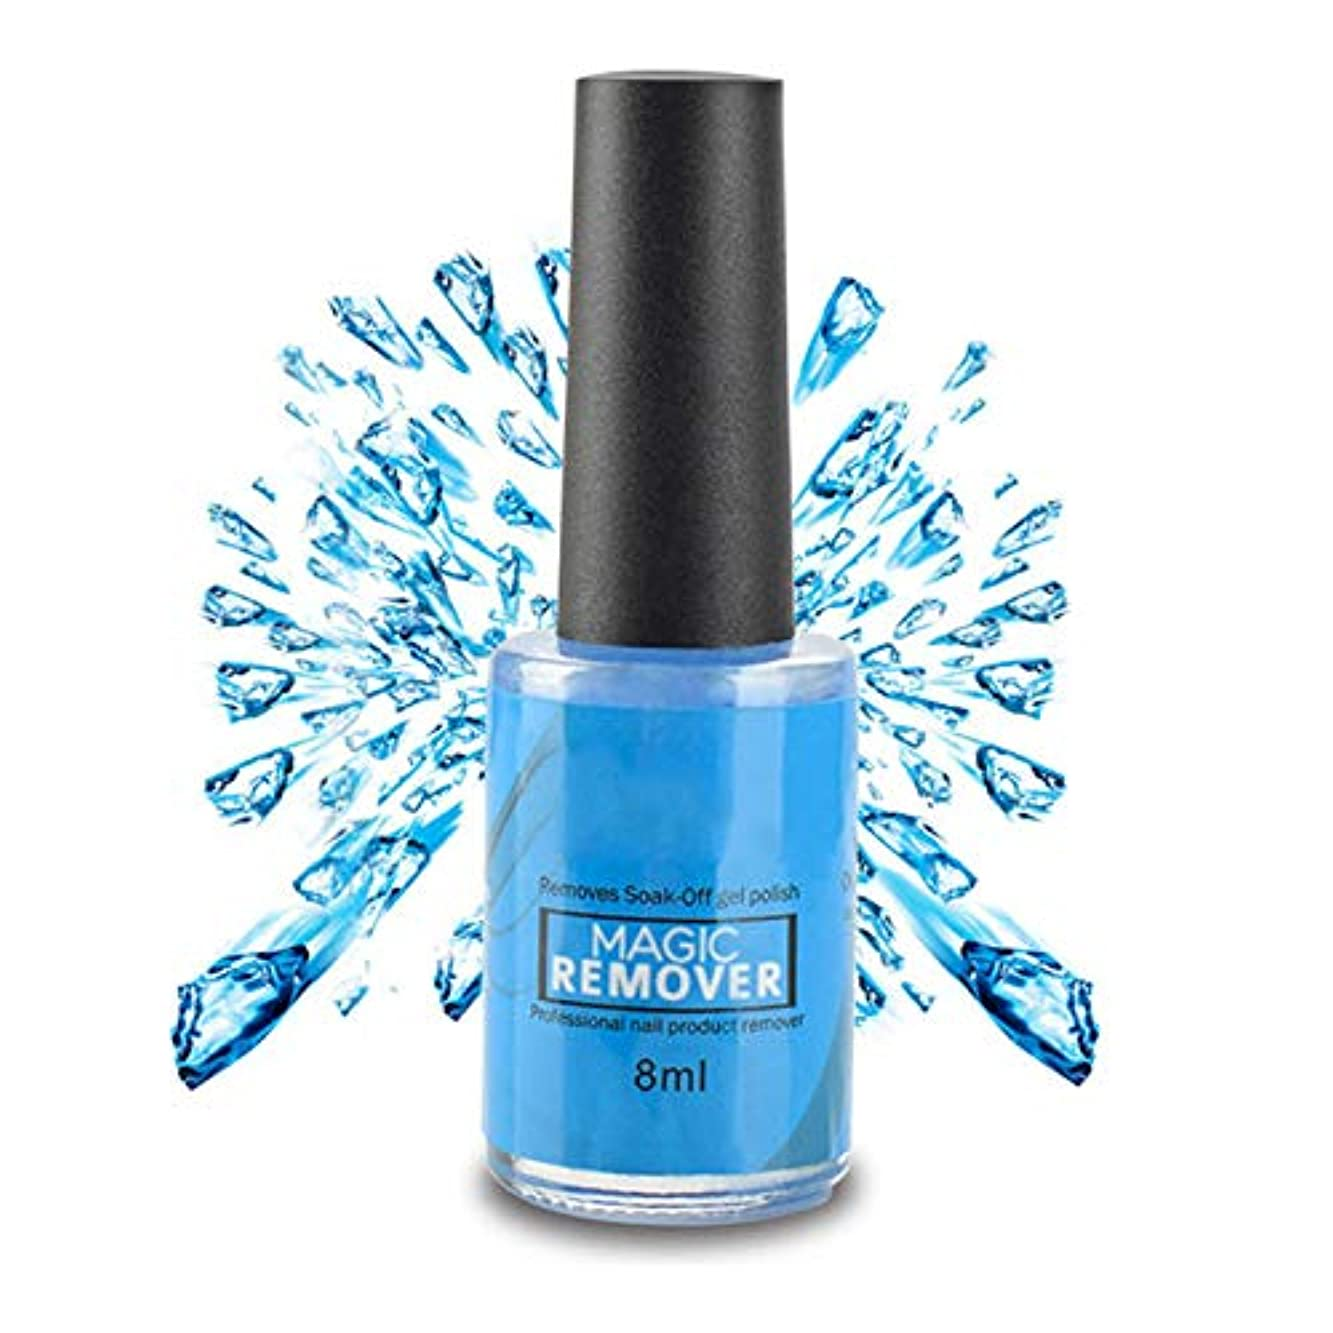 Symboat マジックリムーバーがネイルポリッシュを拭き取ると、ジェルプロフェッショナルバーストクリーン脱脂剤が除去されます